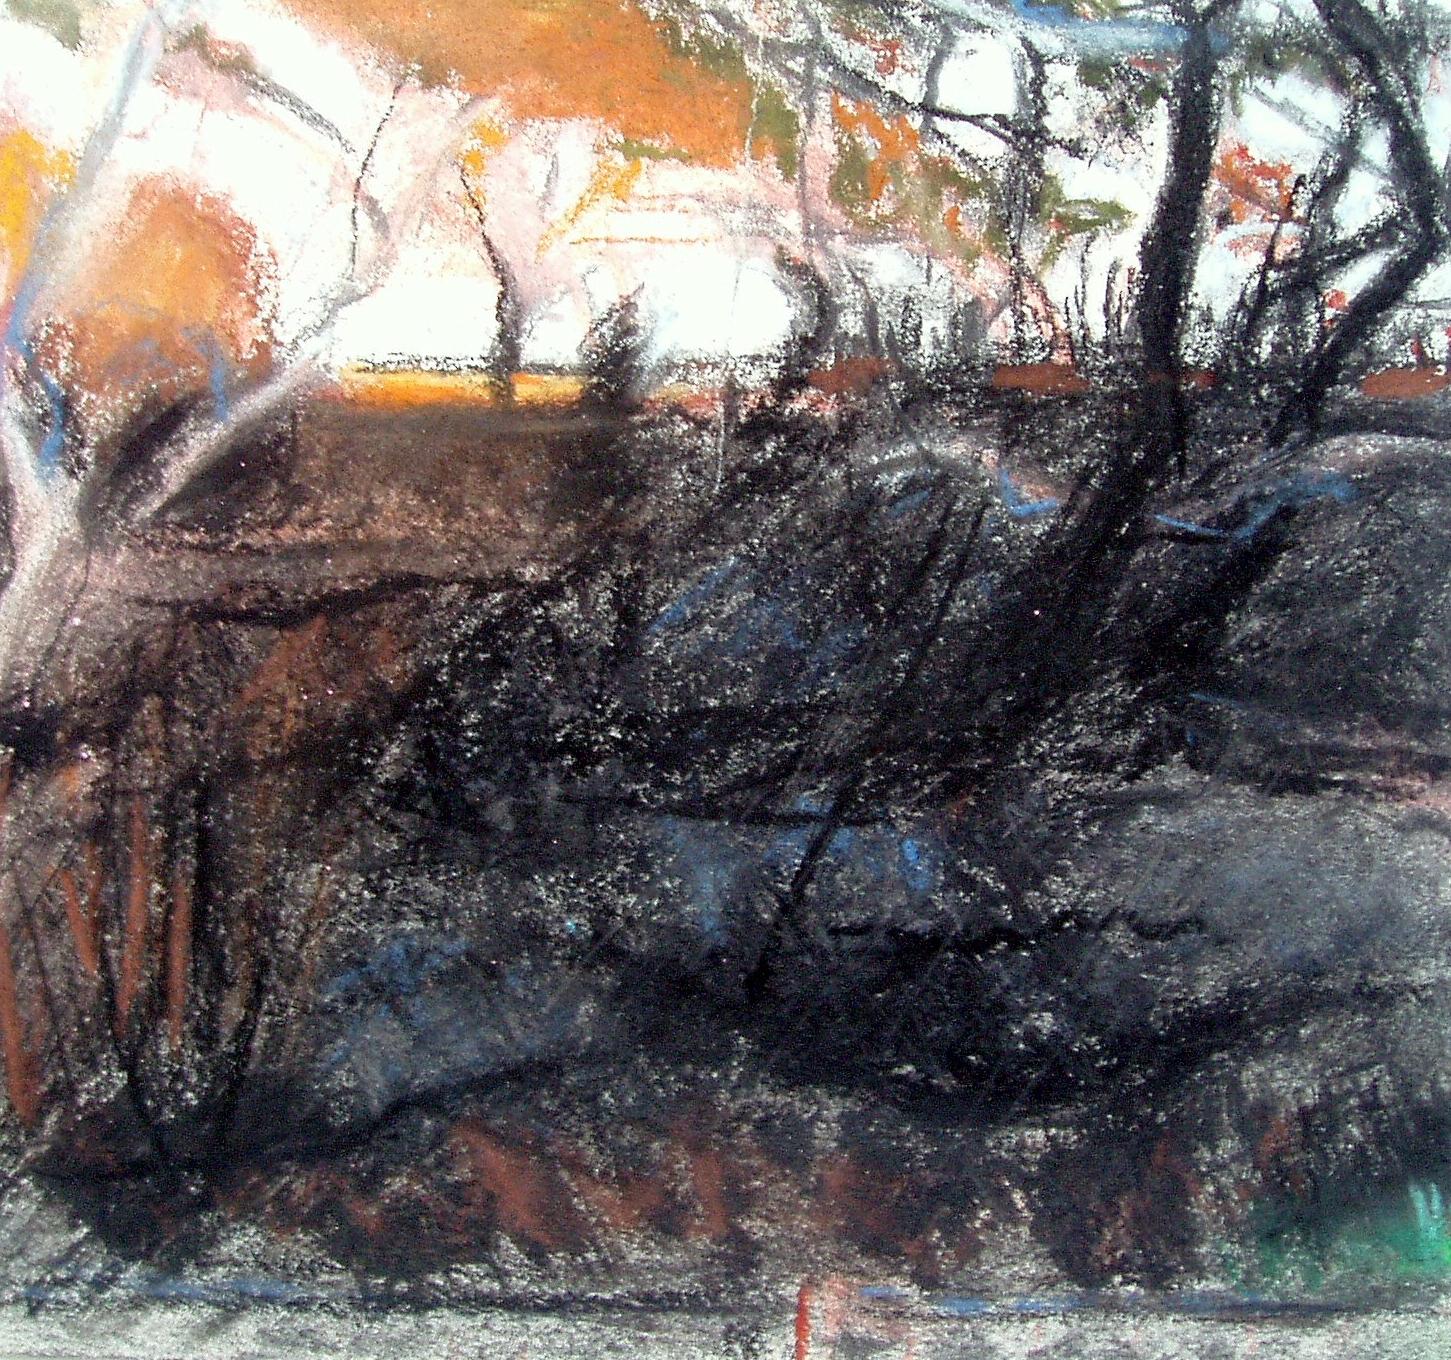 Scorched Earth, S E Australia